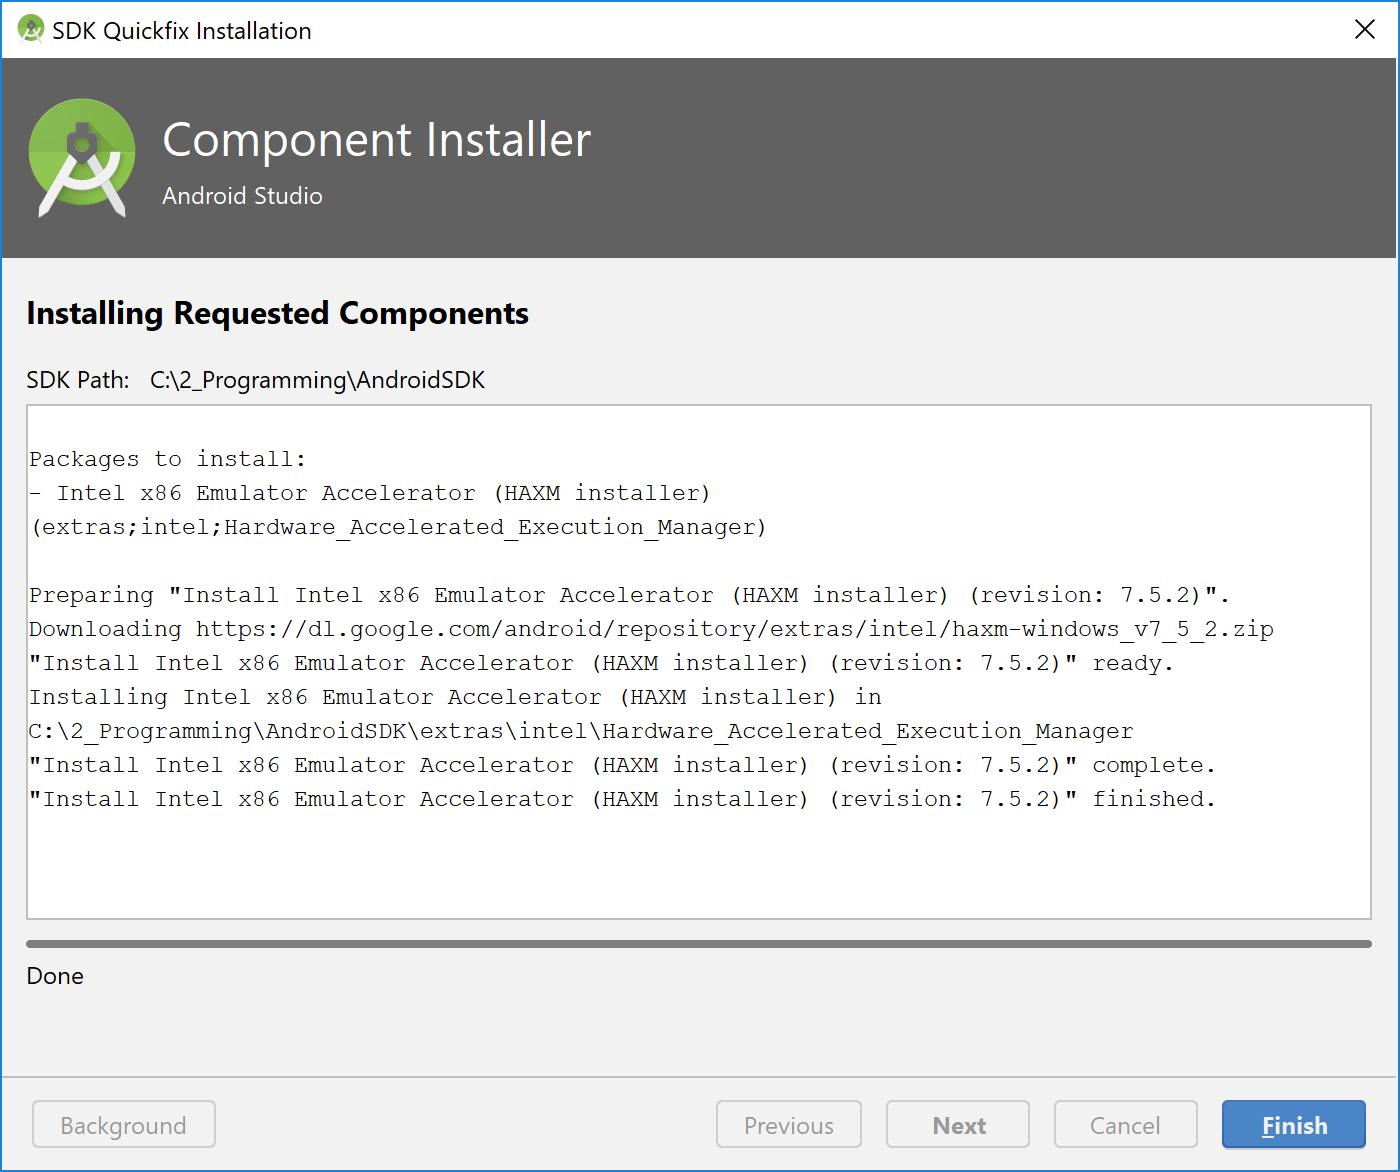 component_installer_haxm_finished